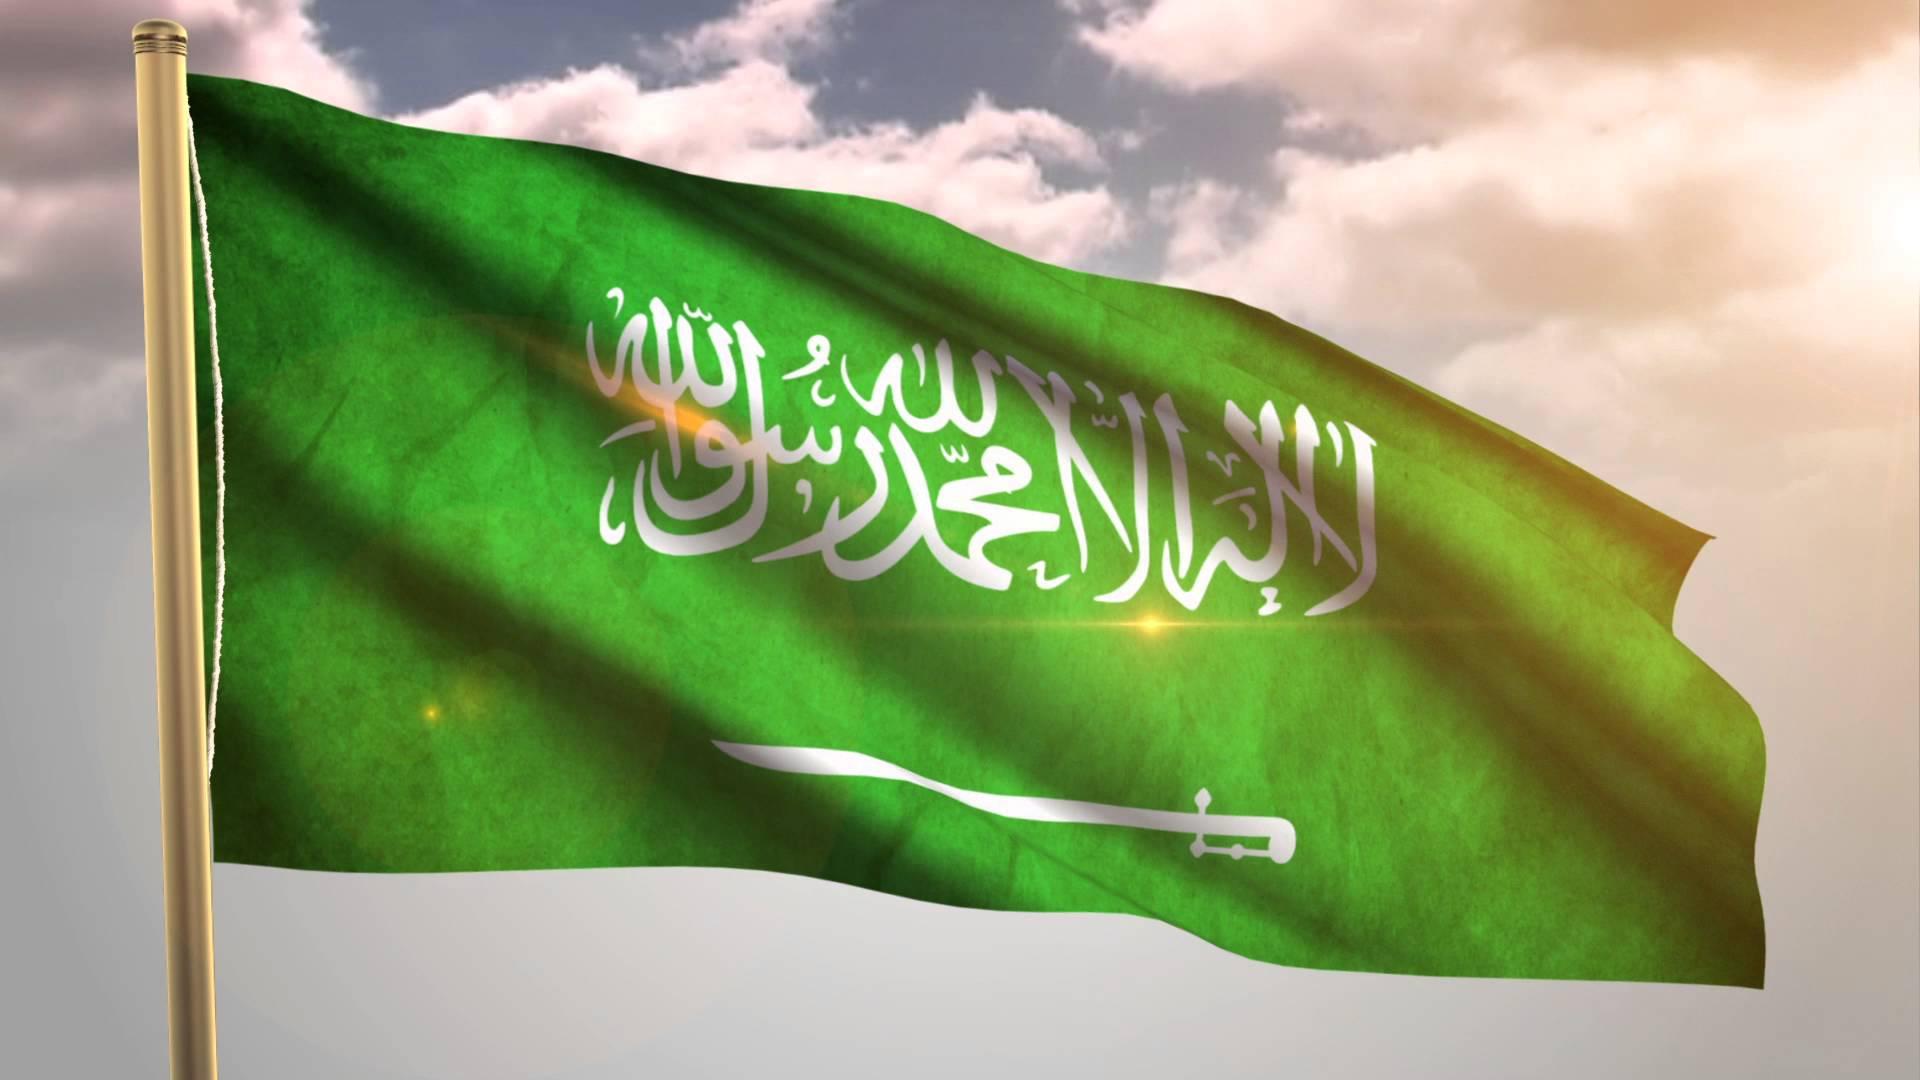 السعودية: تعذر رؤية هلال شهر ذي الحجة.. وتعلن 31 يوليو أول أيام عيد الأضحى